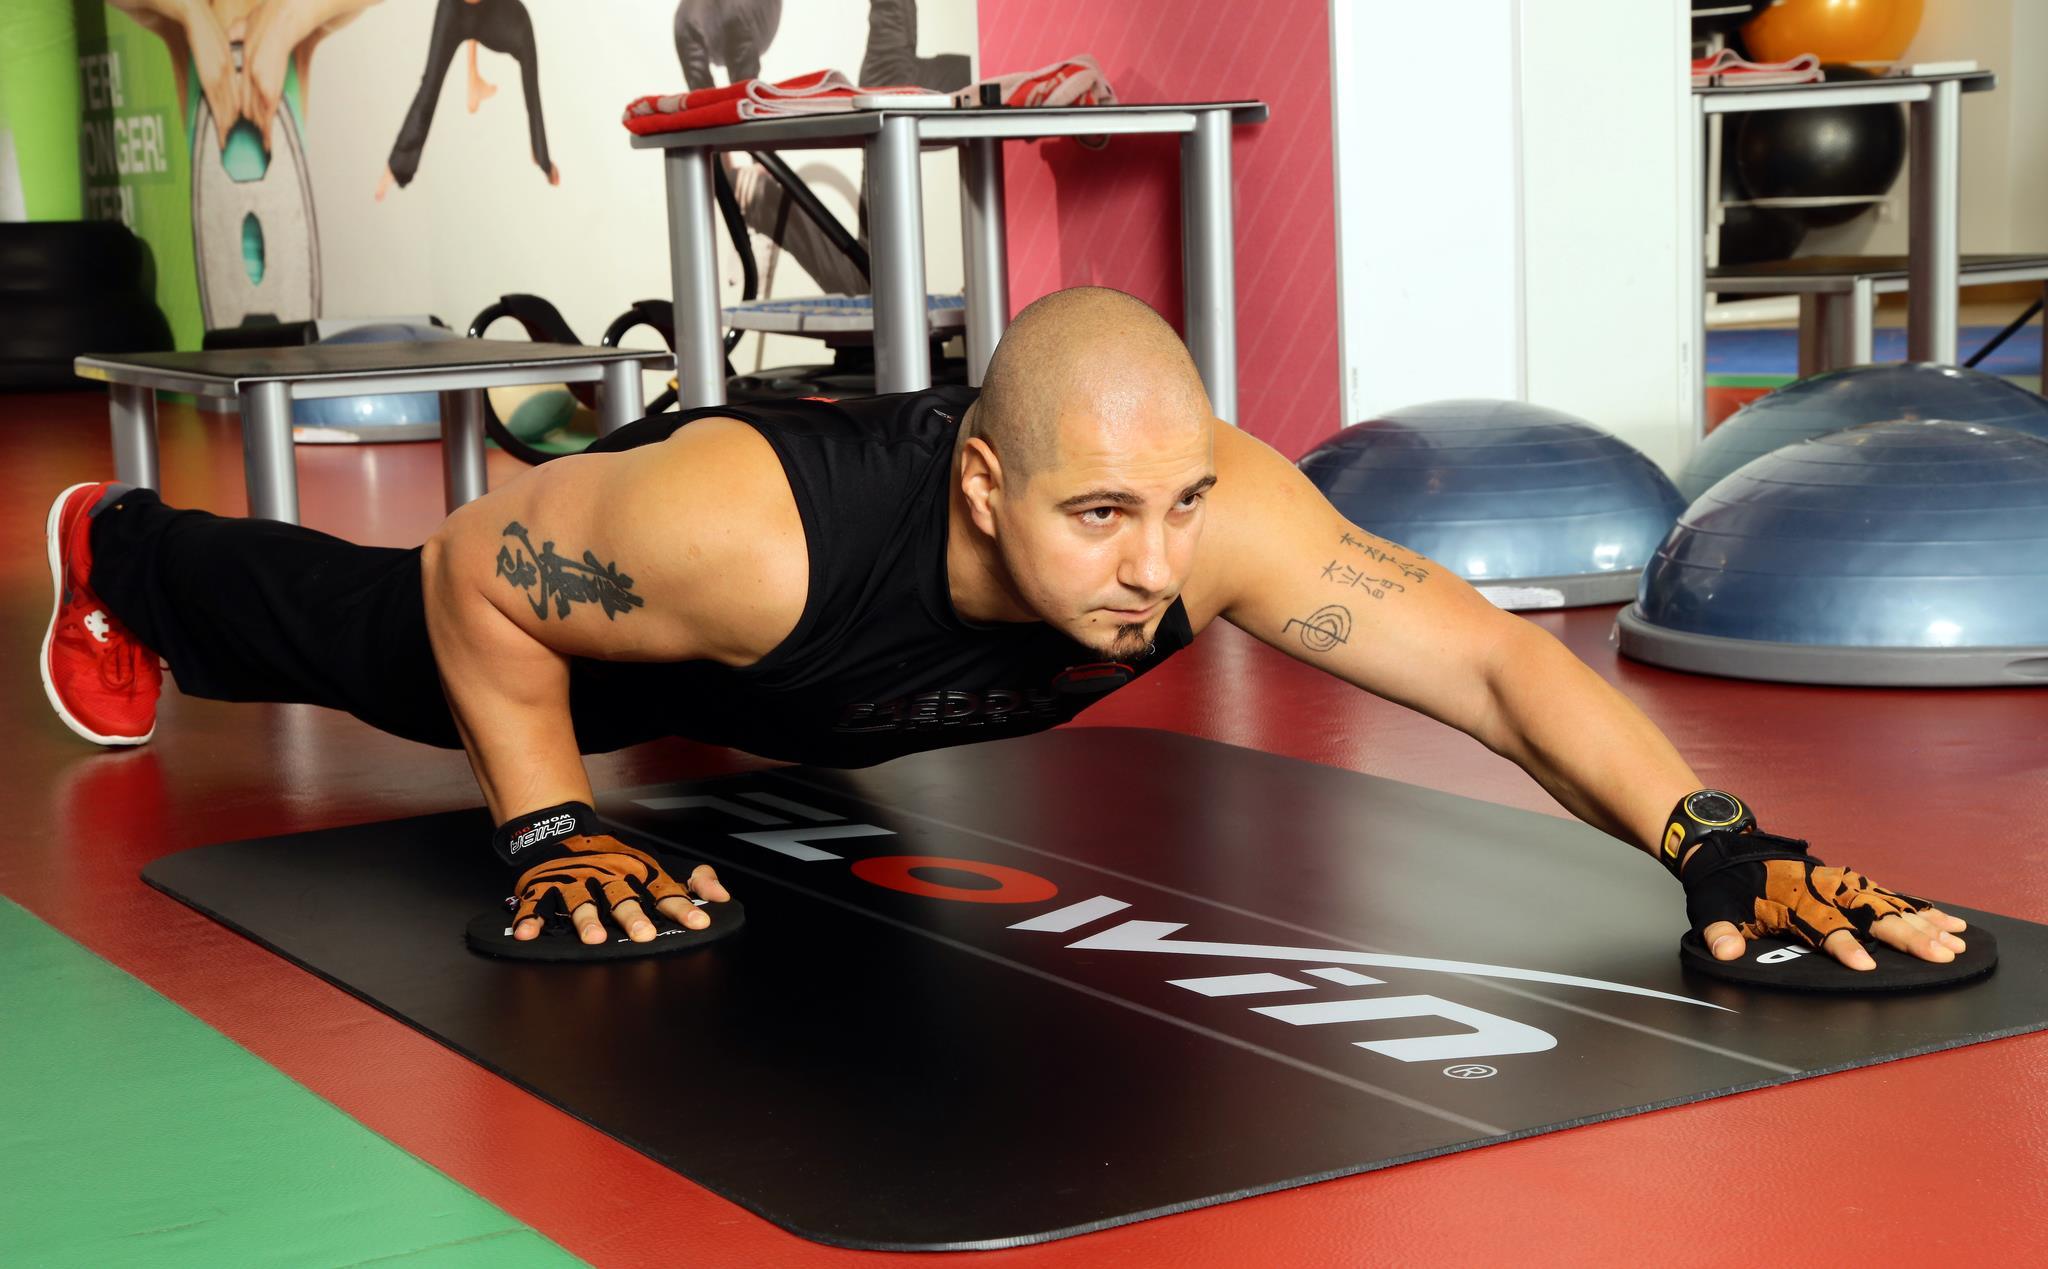 Raul e antrenor de fitness si arte martiale din 1999